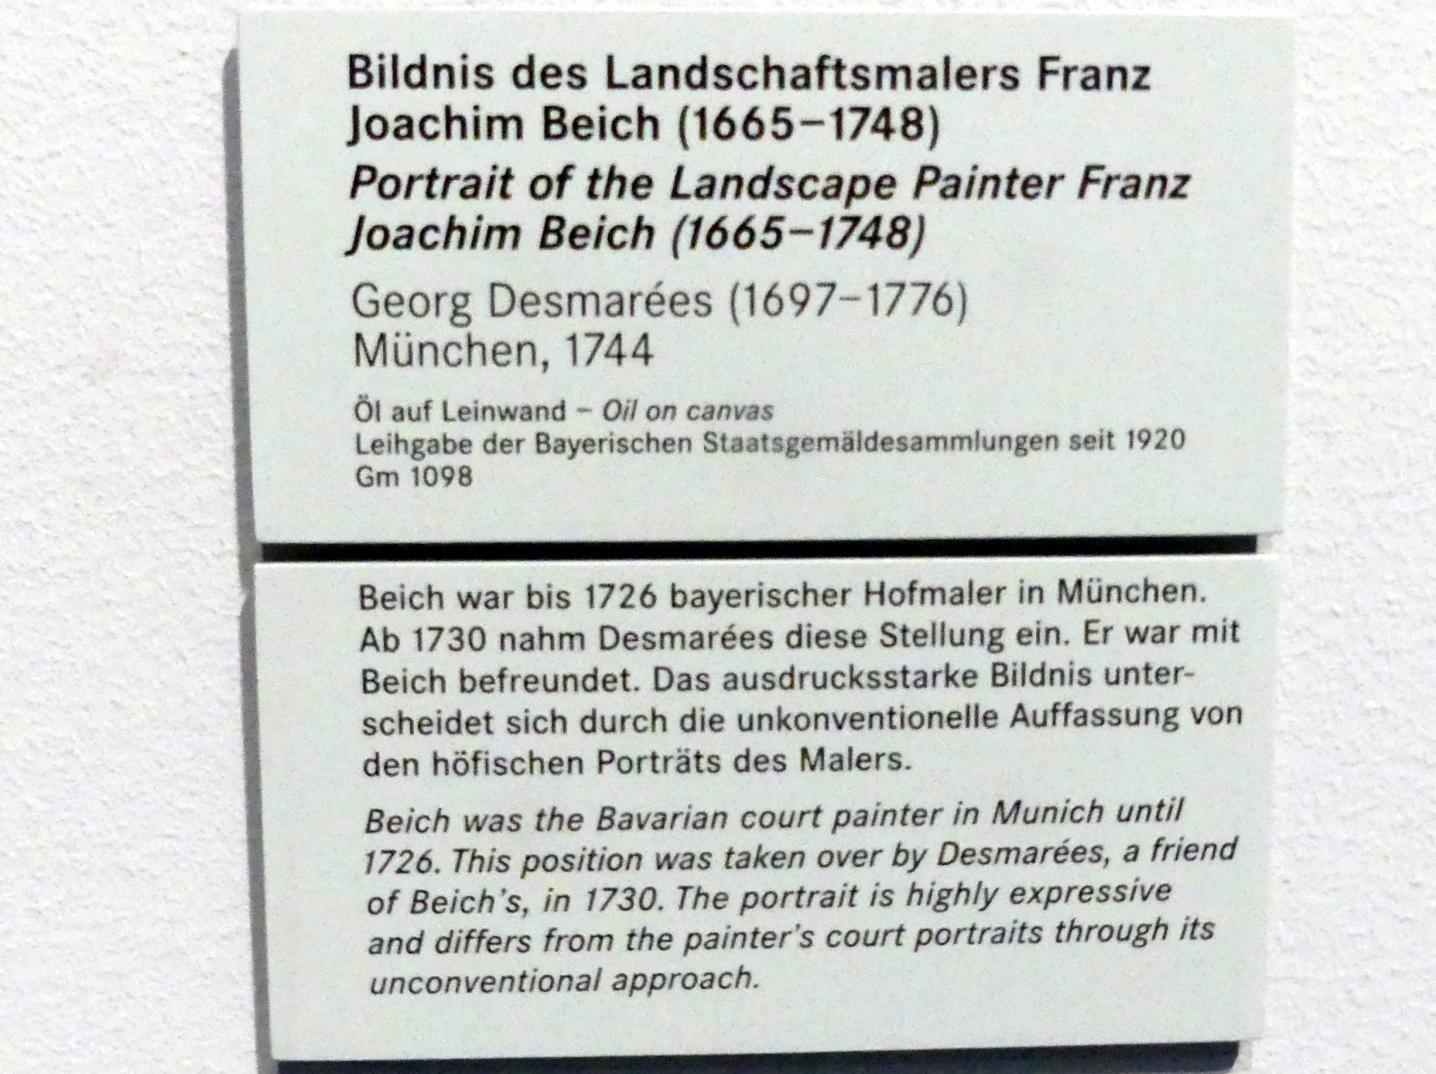 George Desmarées: Bildnis des Landschaftsmalers Franz Joachim Beich (1665-1748), 1744